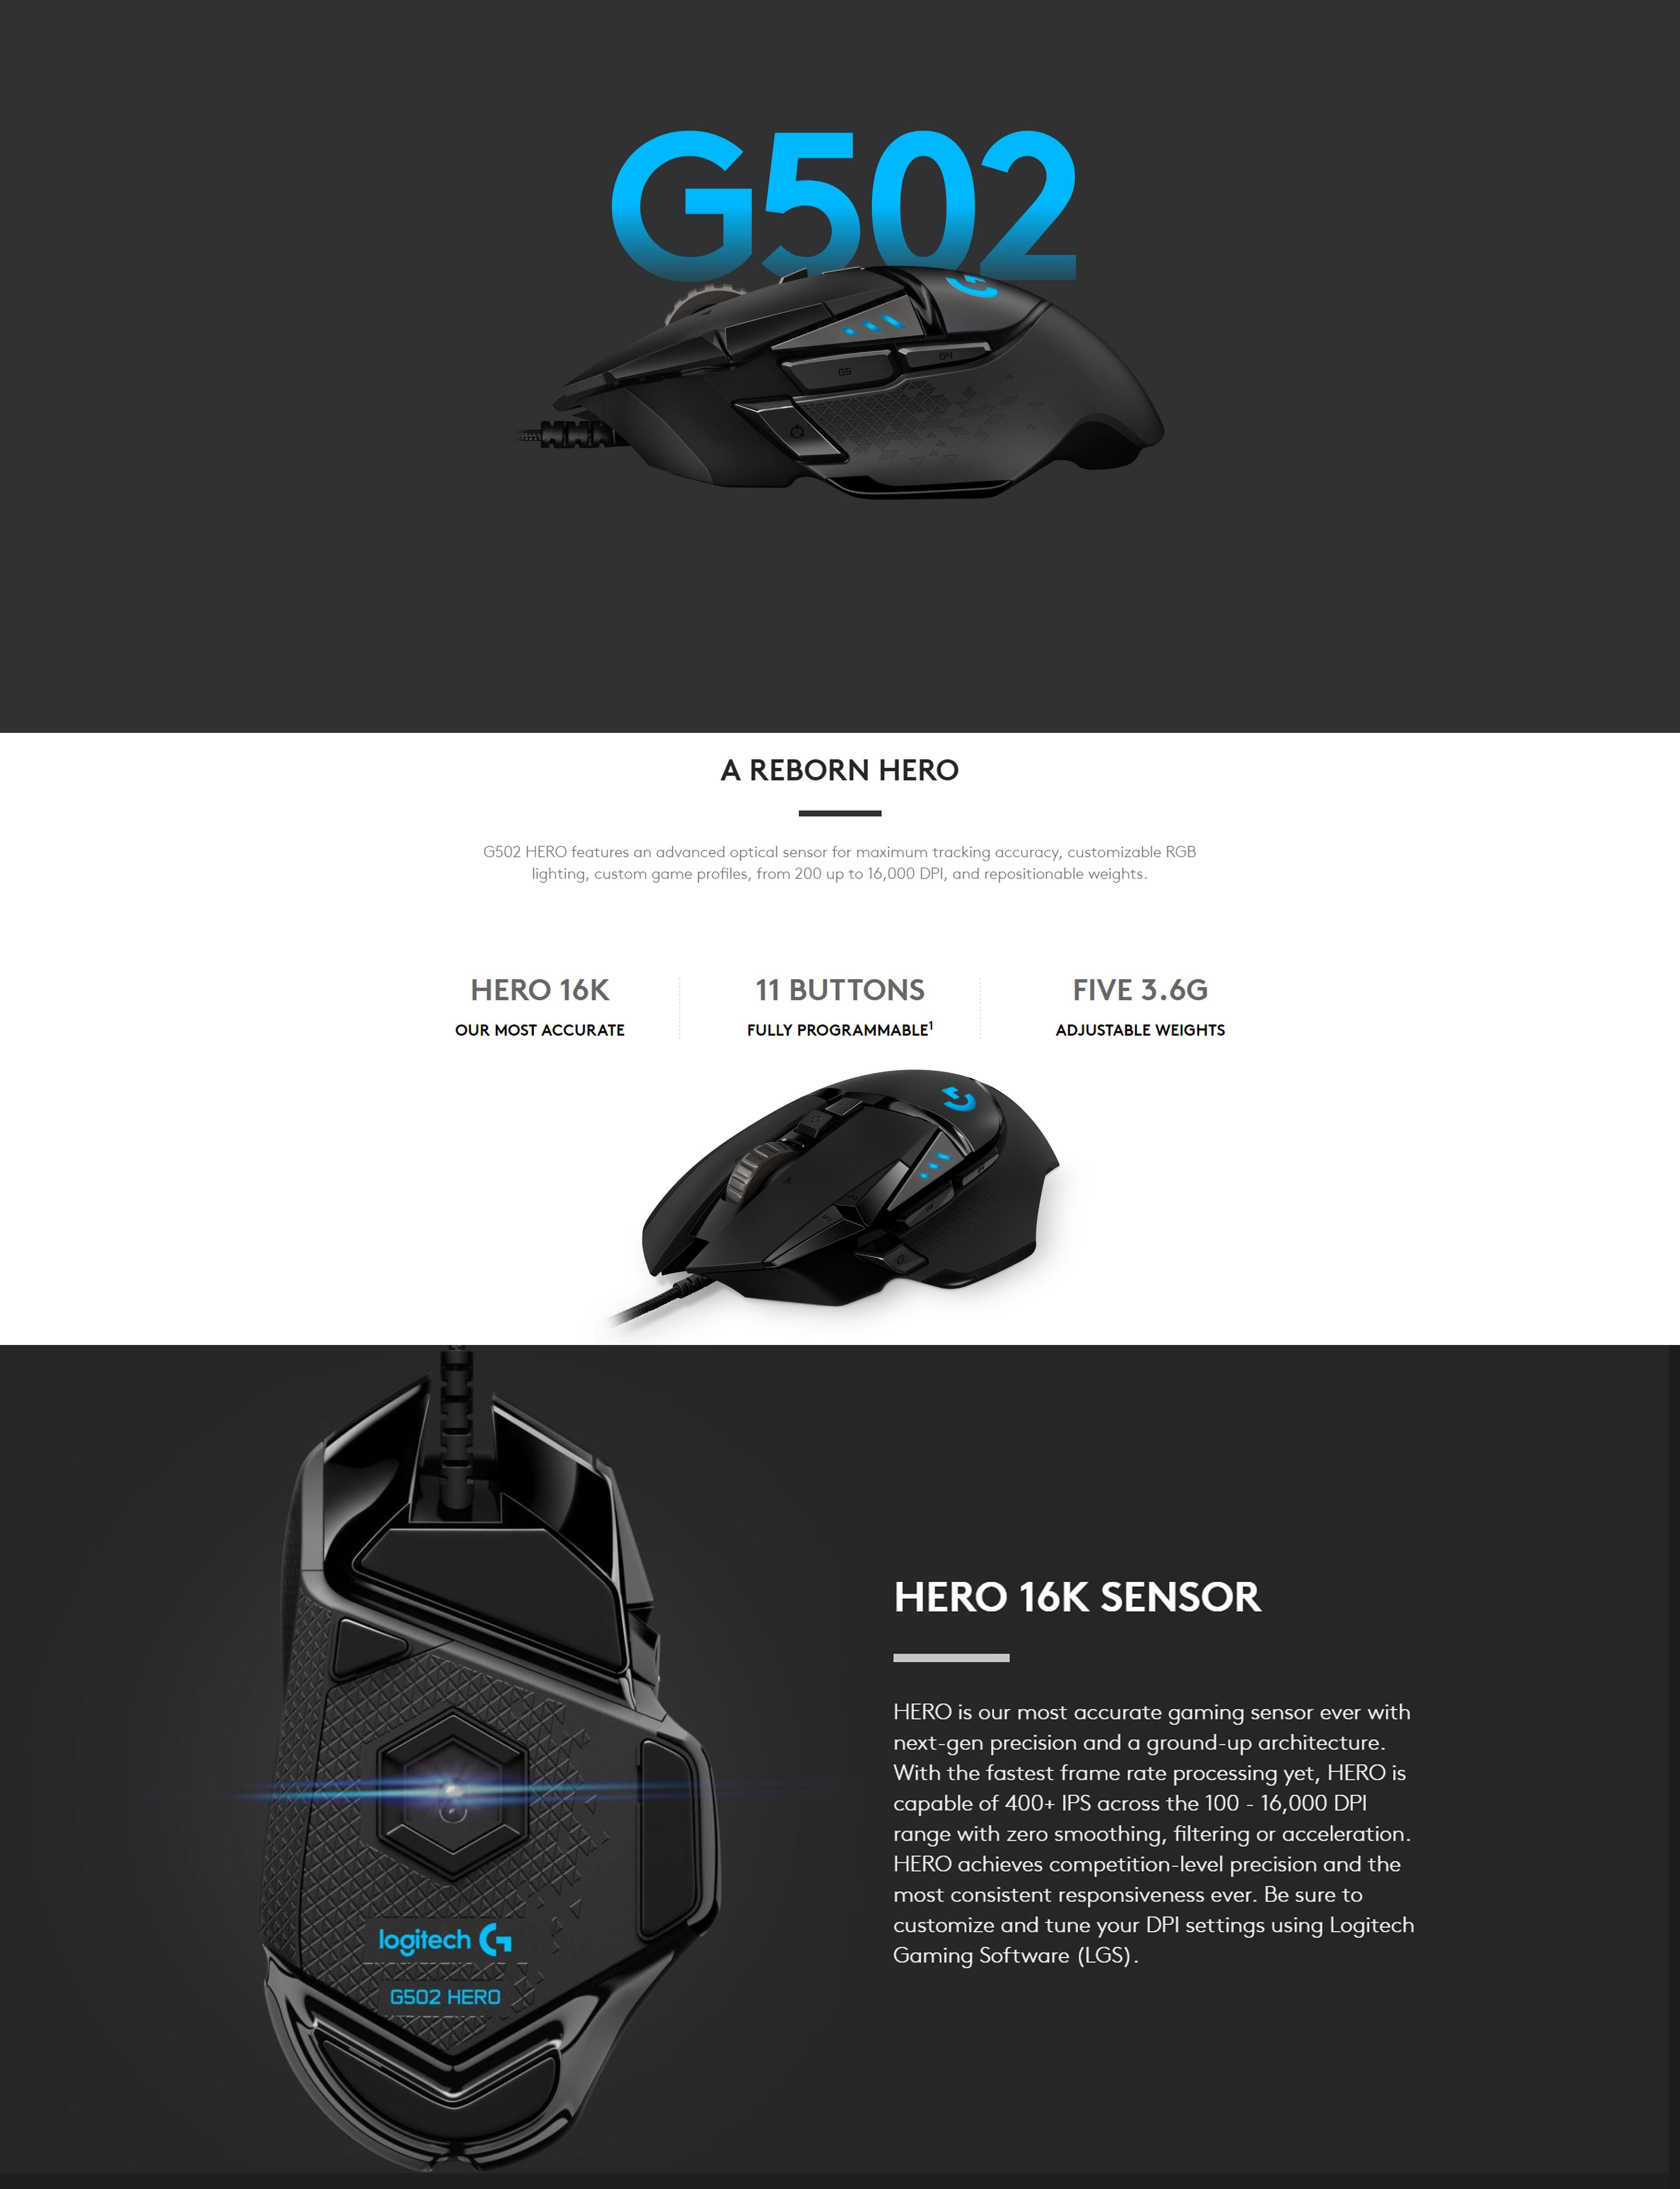 Logitech G502 HERO RGB Gaming Mouse